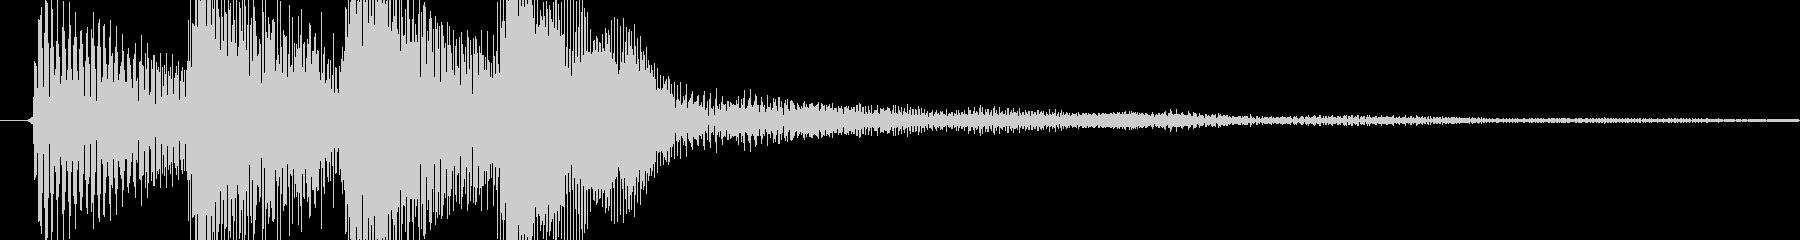 和音のピロリロっというSEの未再生の波形